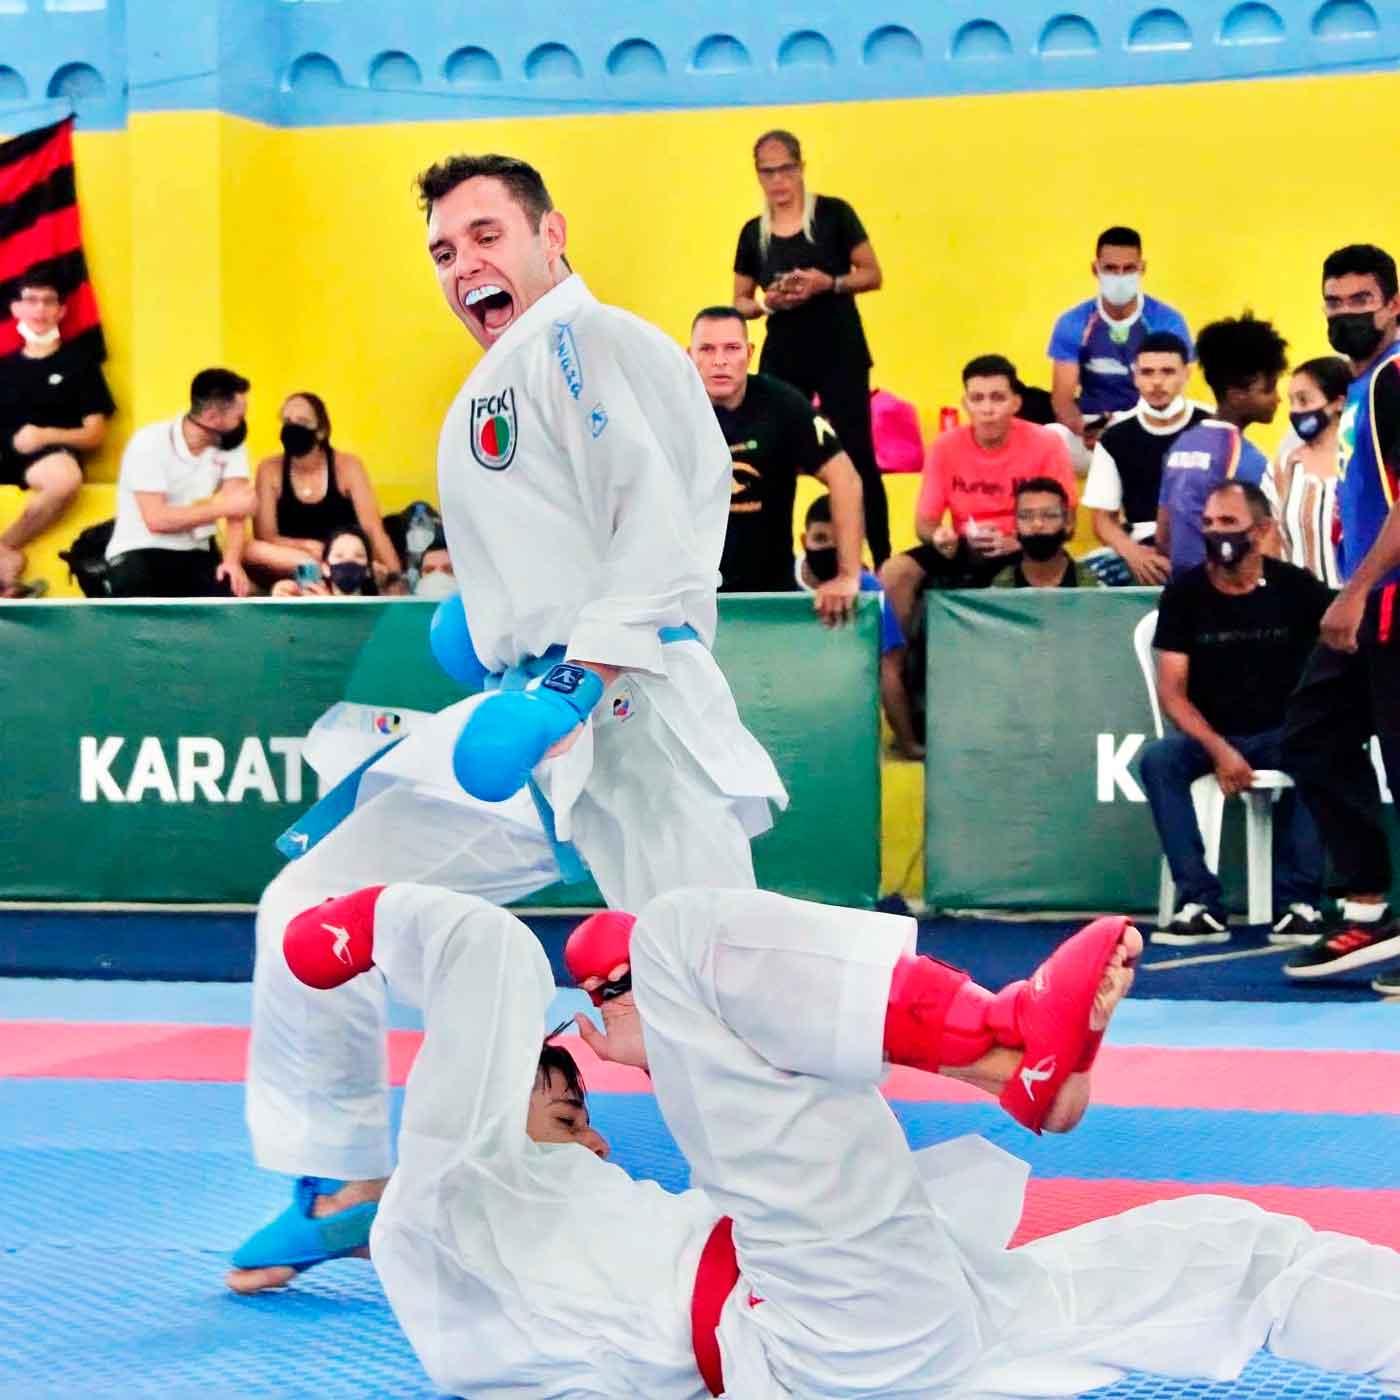 Focando o Mundial de Dubai, Douglas Brose conquista o Campeonato Brasileiro de karatê